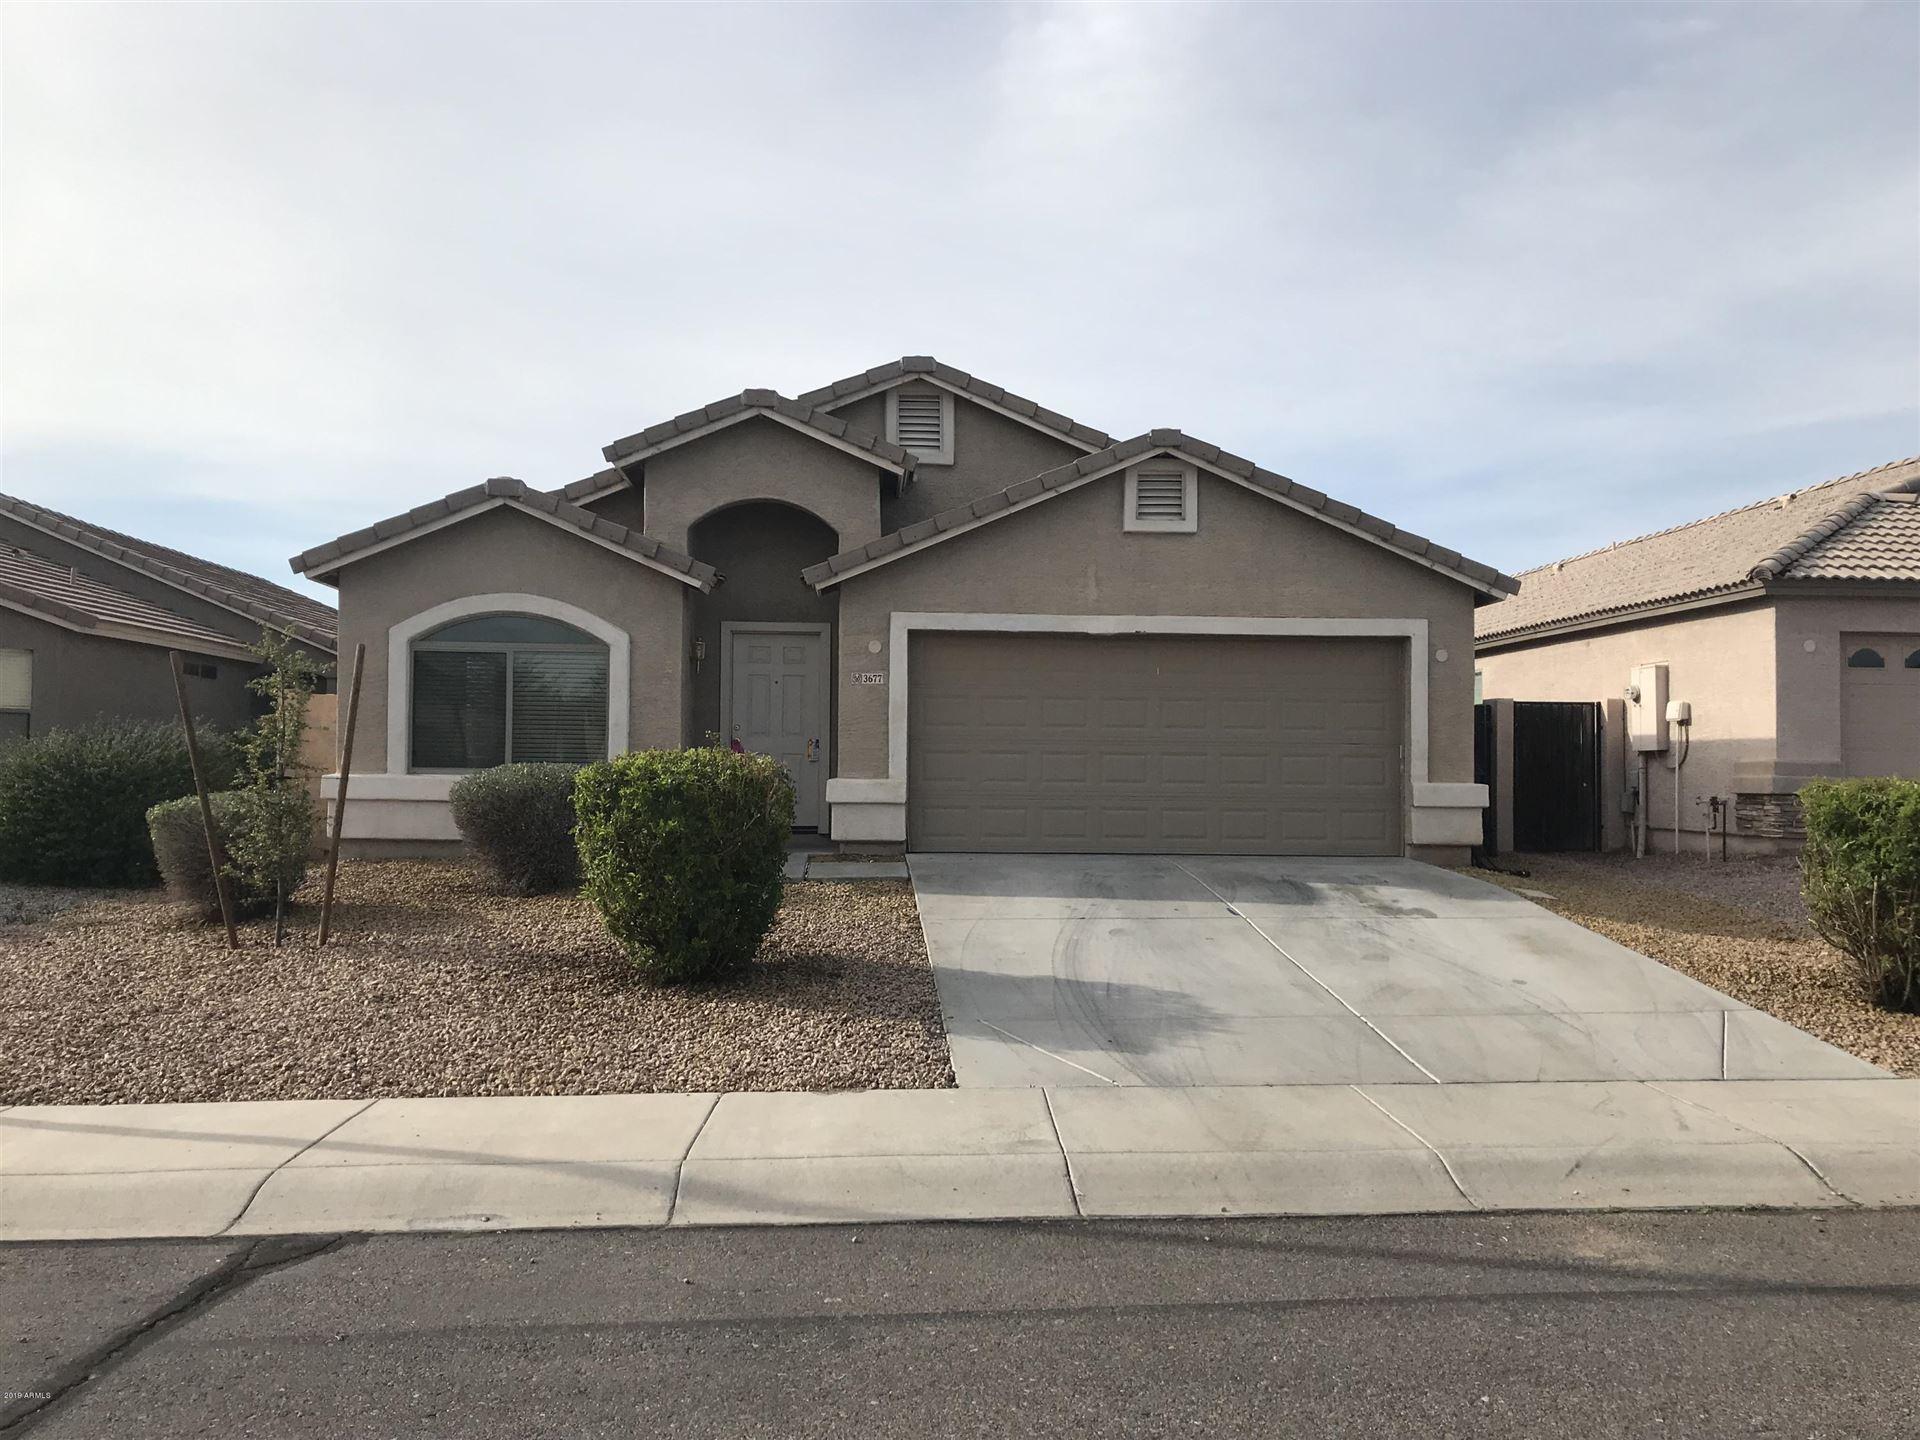 Photo of 3677 W YELLOW PEAK Drive, Queen Creek, AZ 85142 (MLS # 6268444)